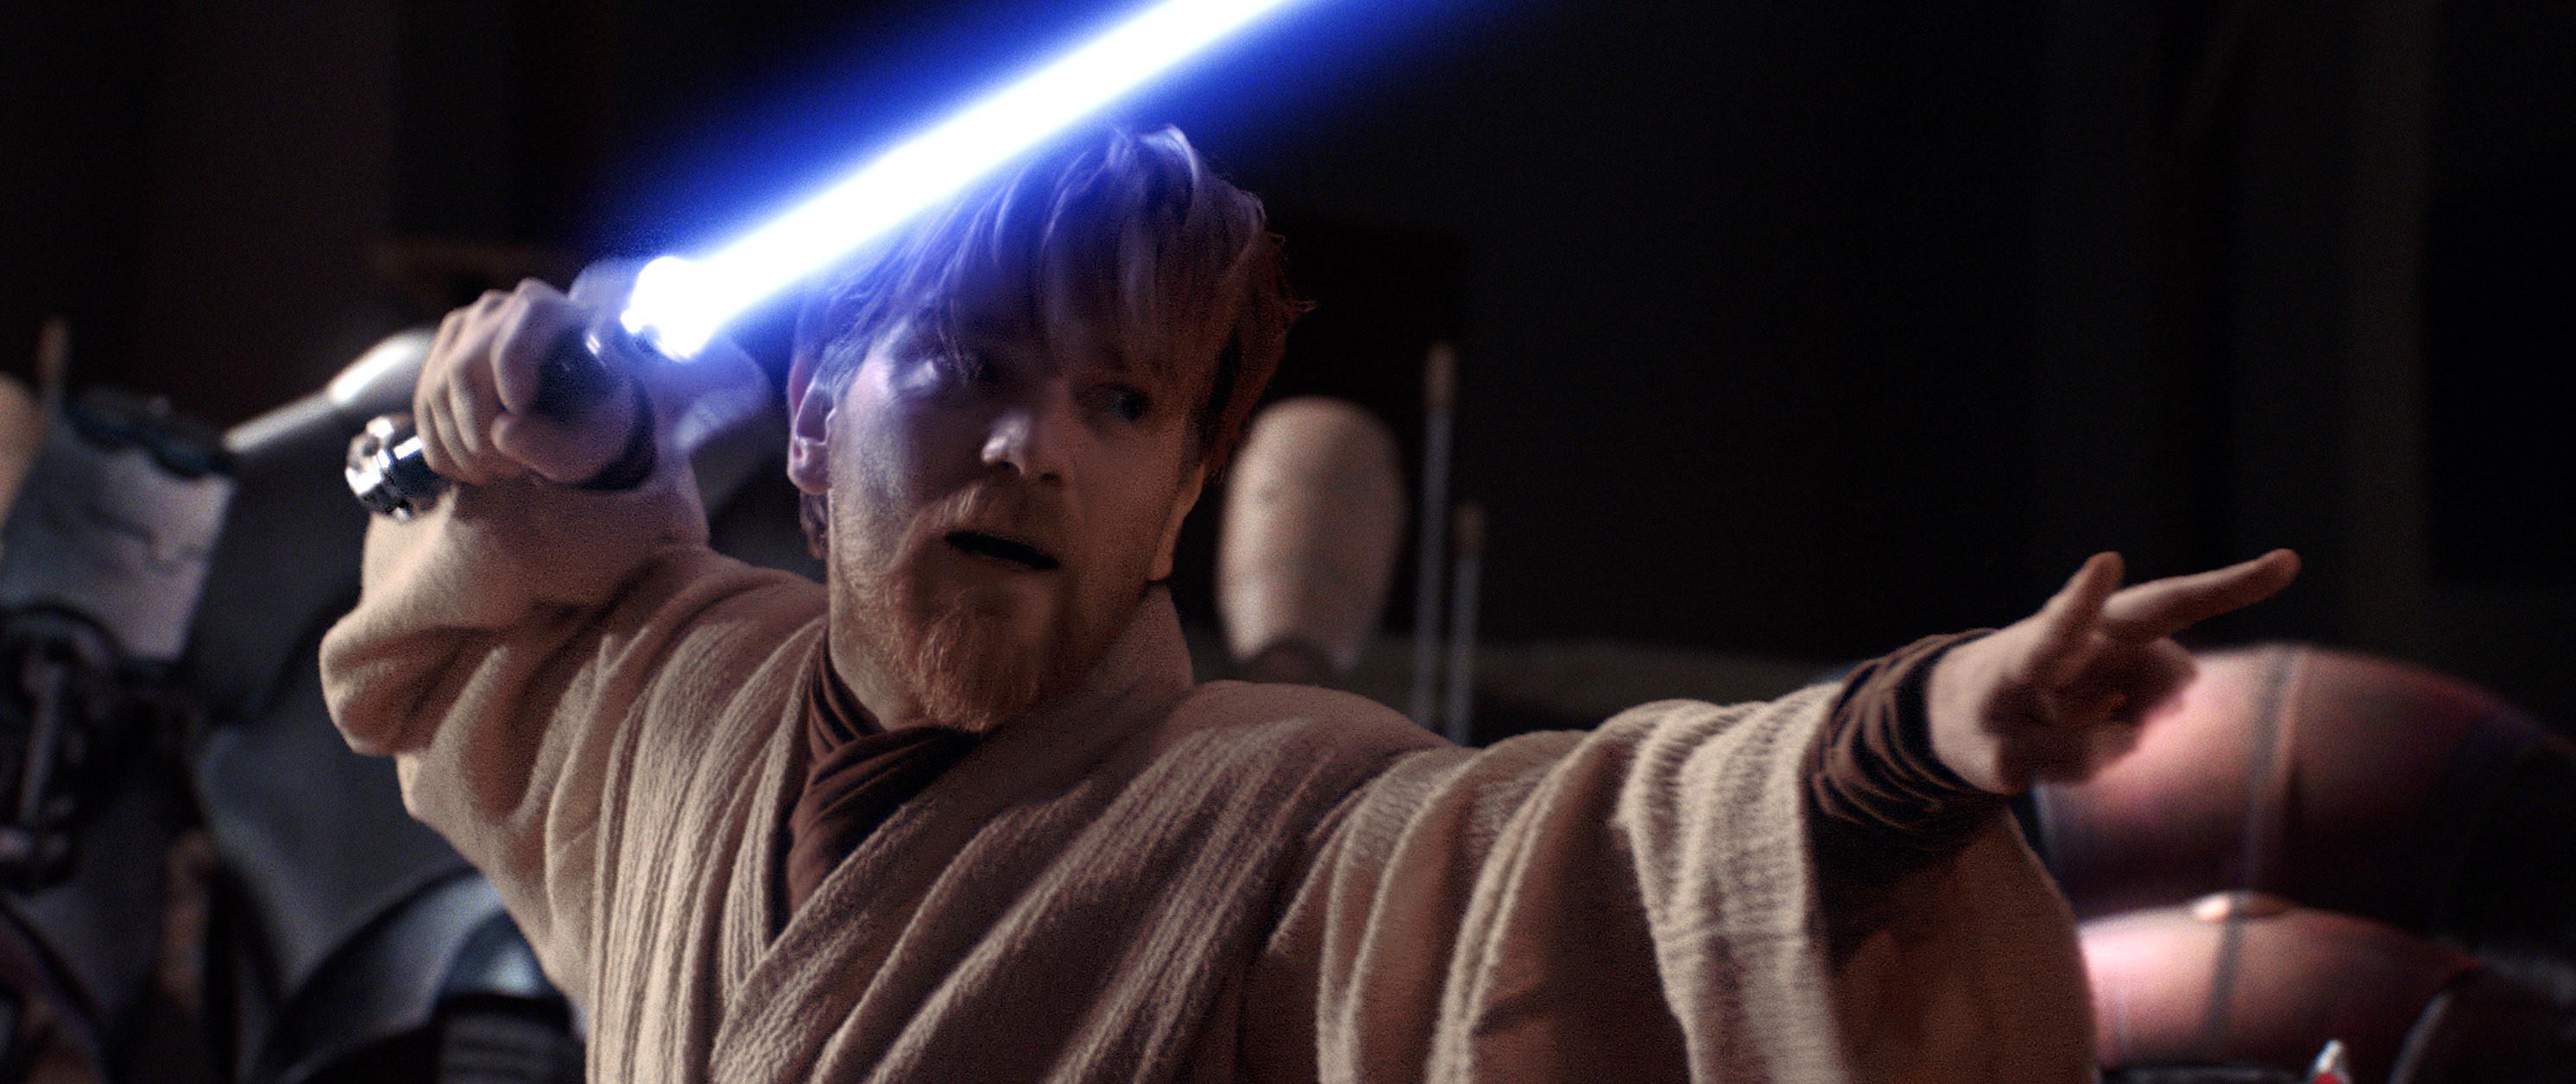 Ewan McGregor holding a lightsaber.